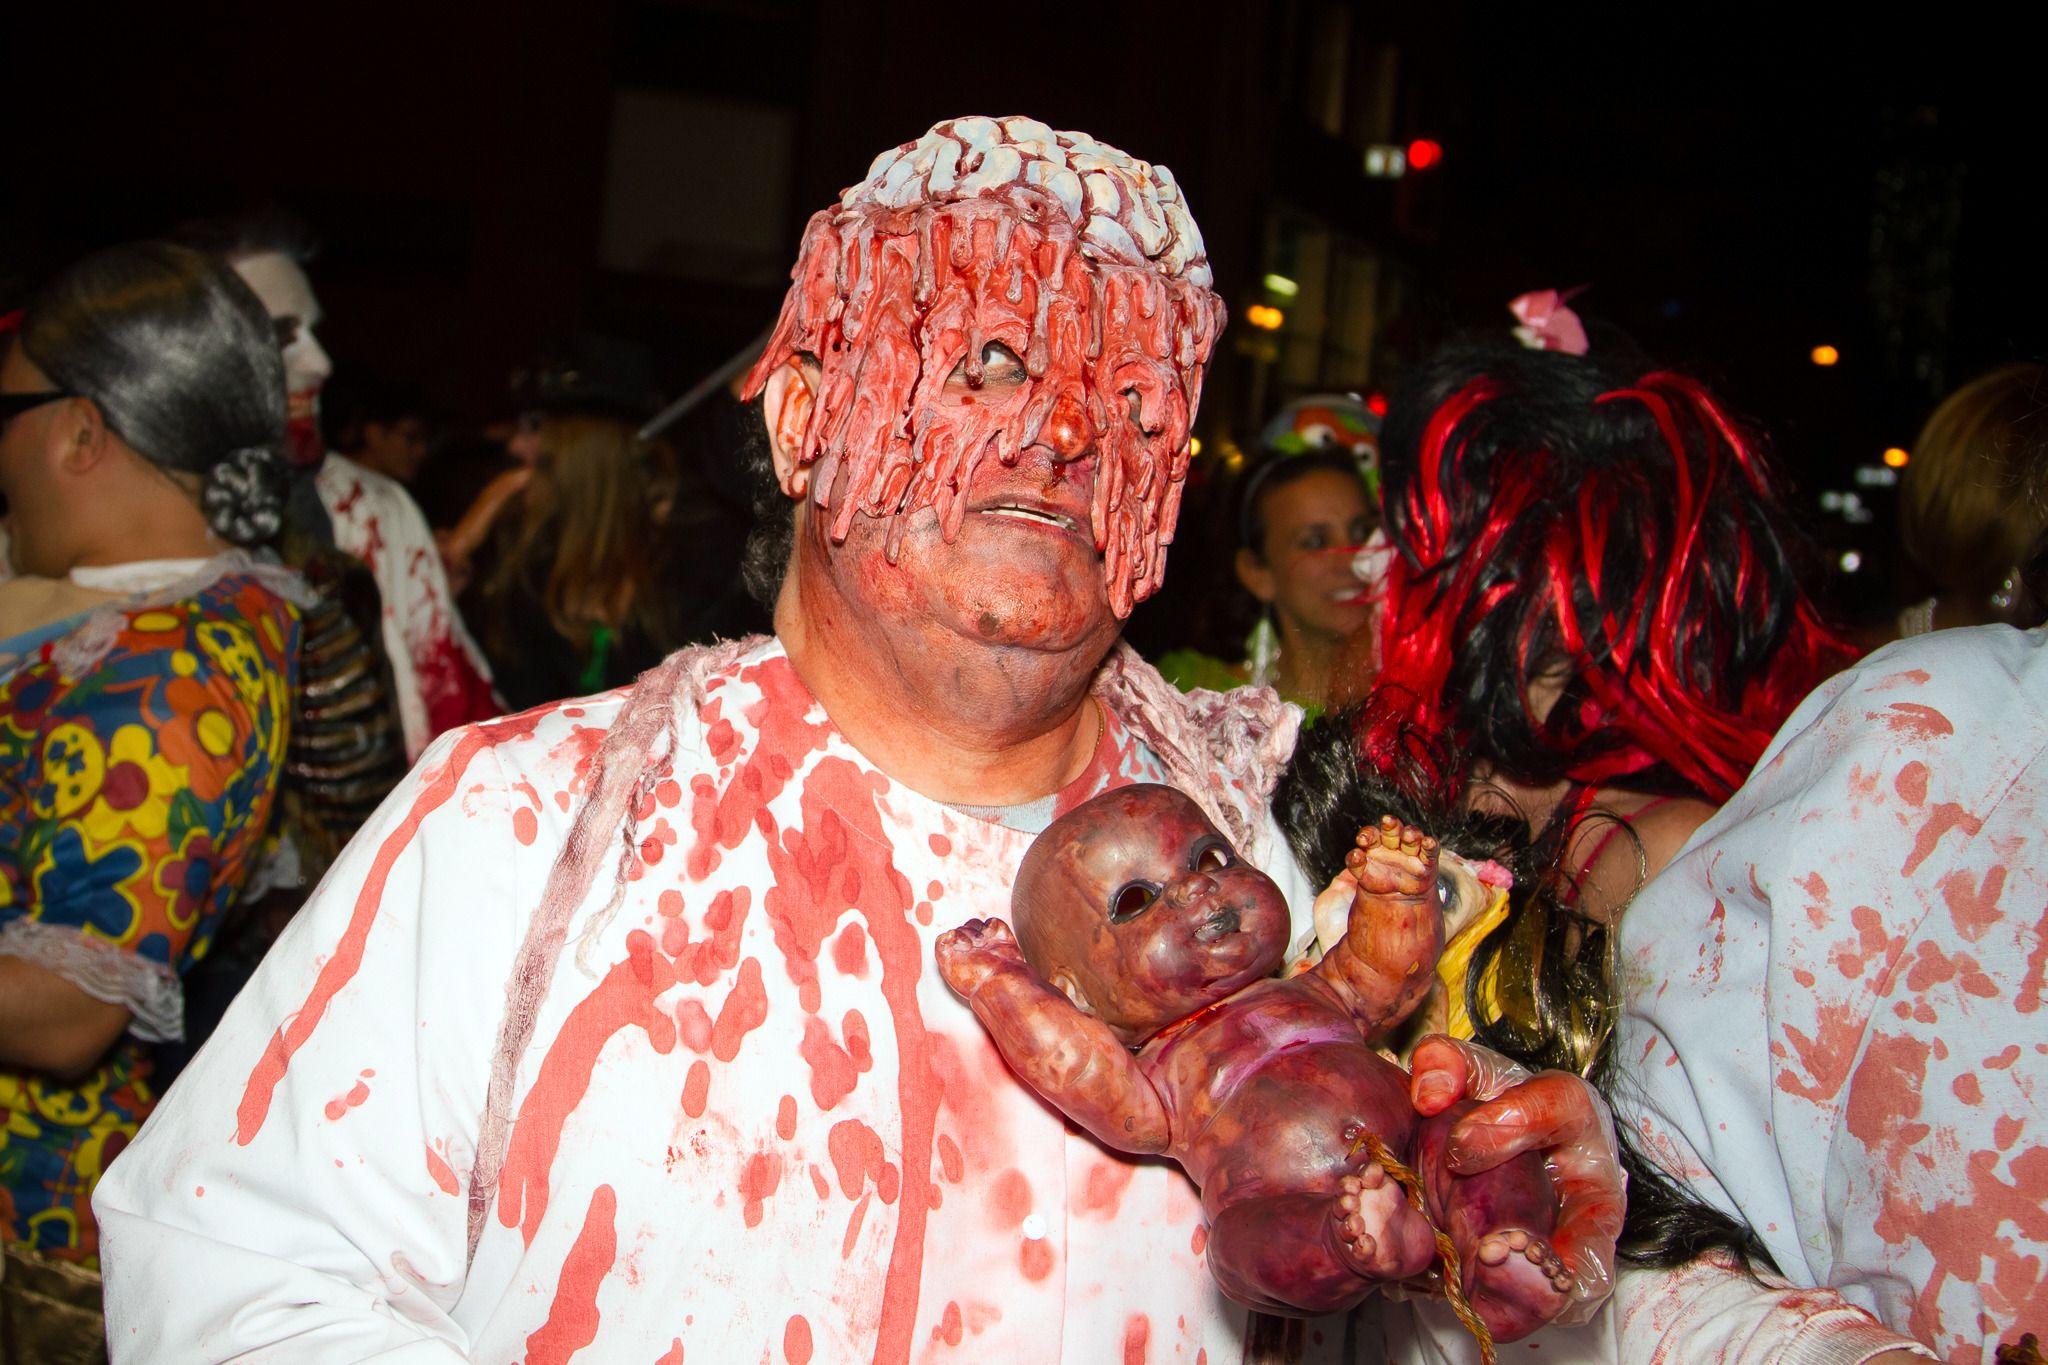 baby eating monster